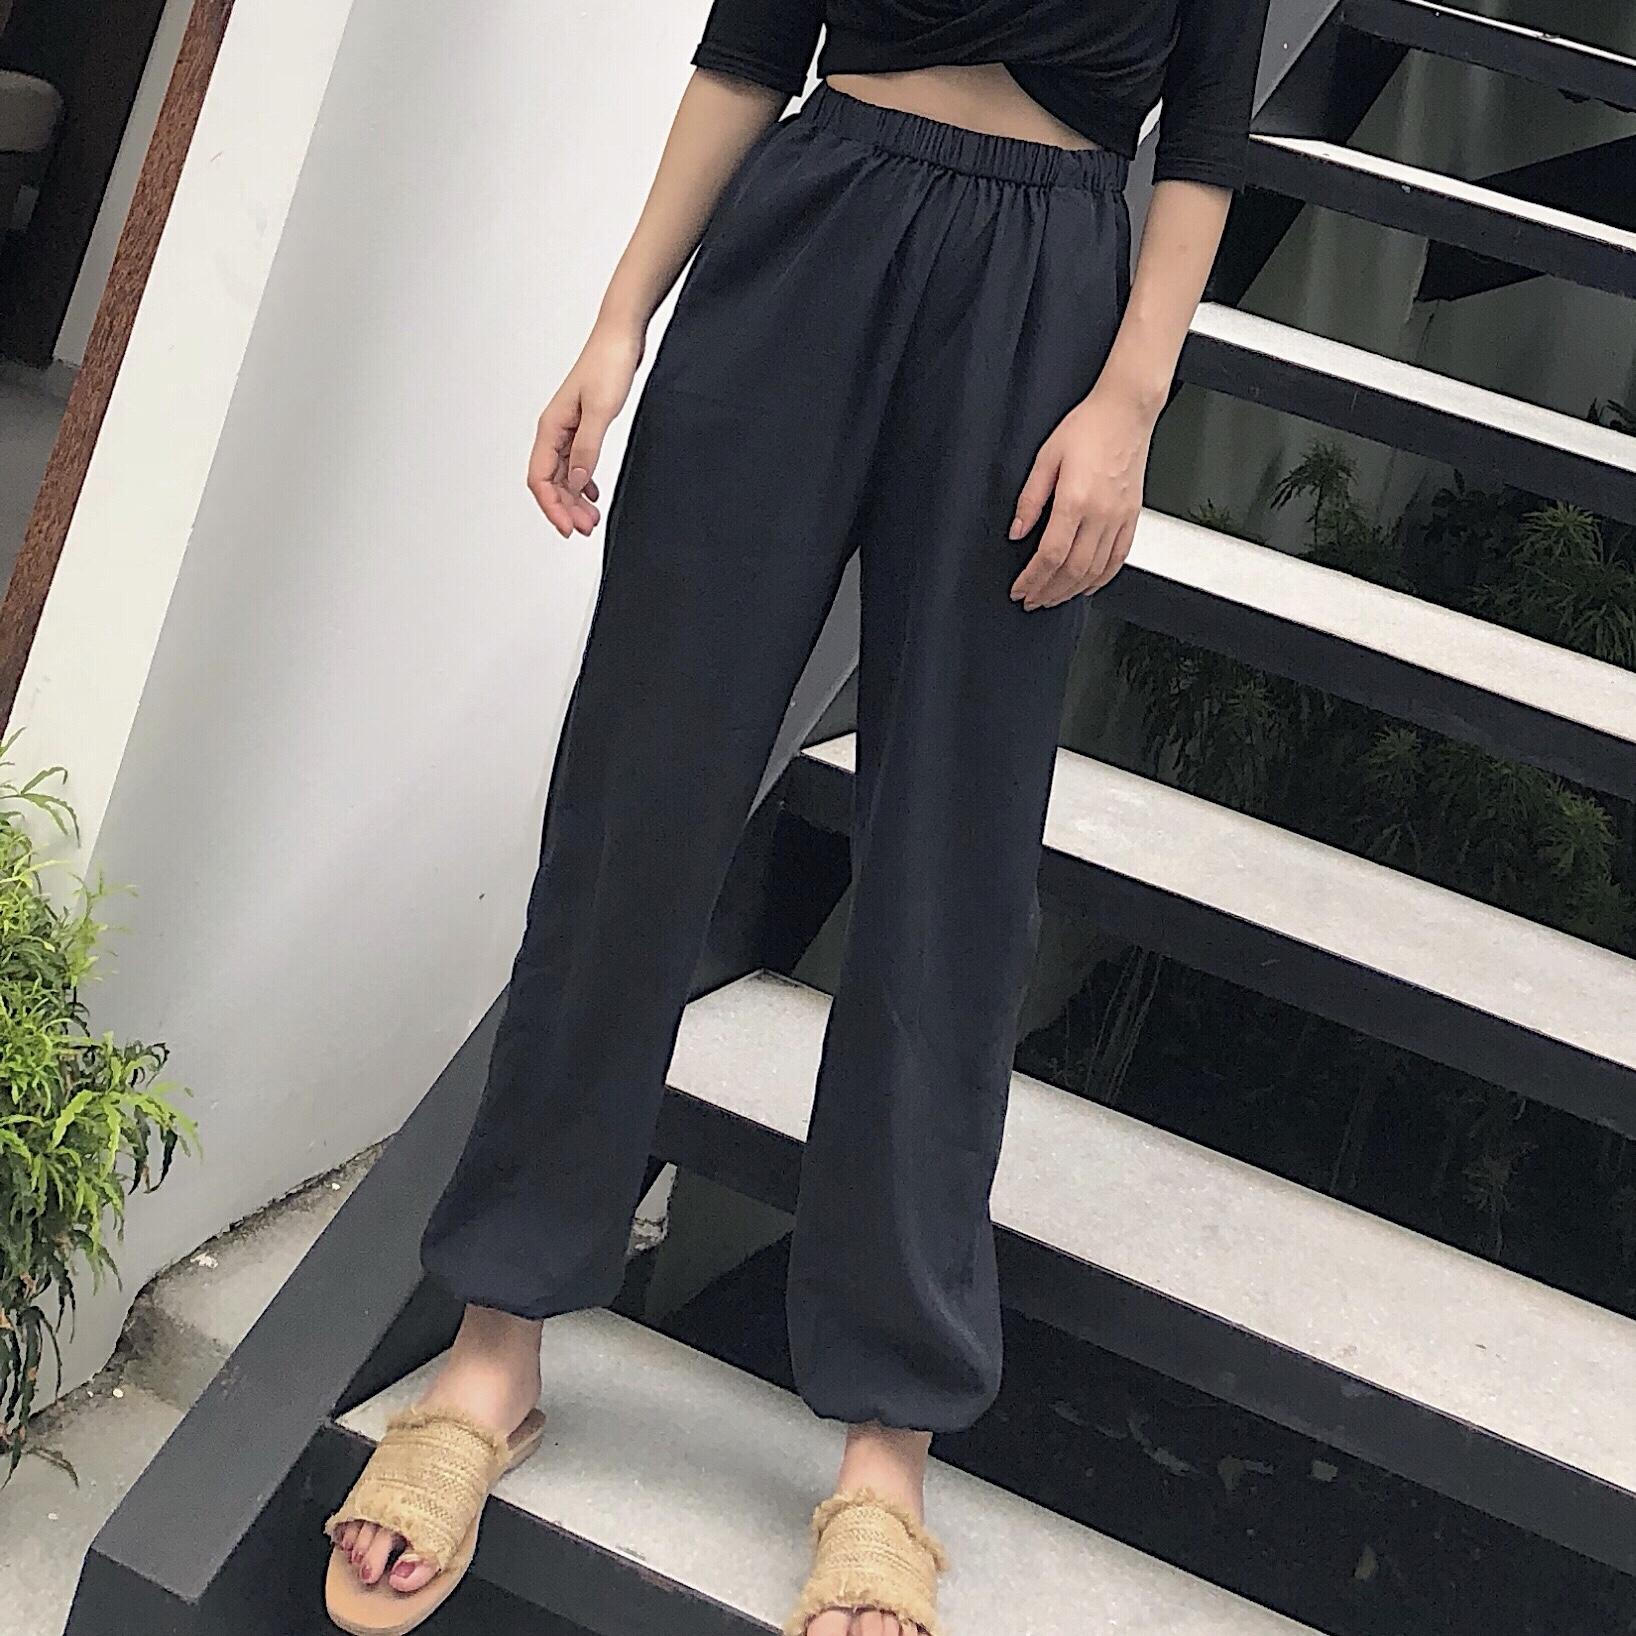 CIBABY大c自制 设计款莫代尔高腰显瘦松紧腰萝卜裤休闲长裤